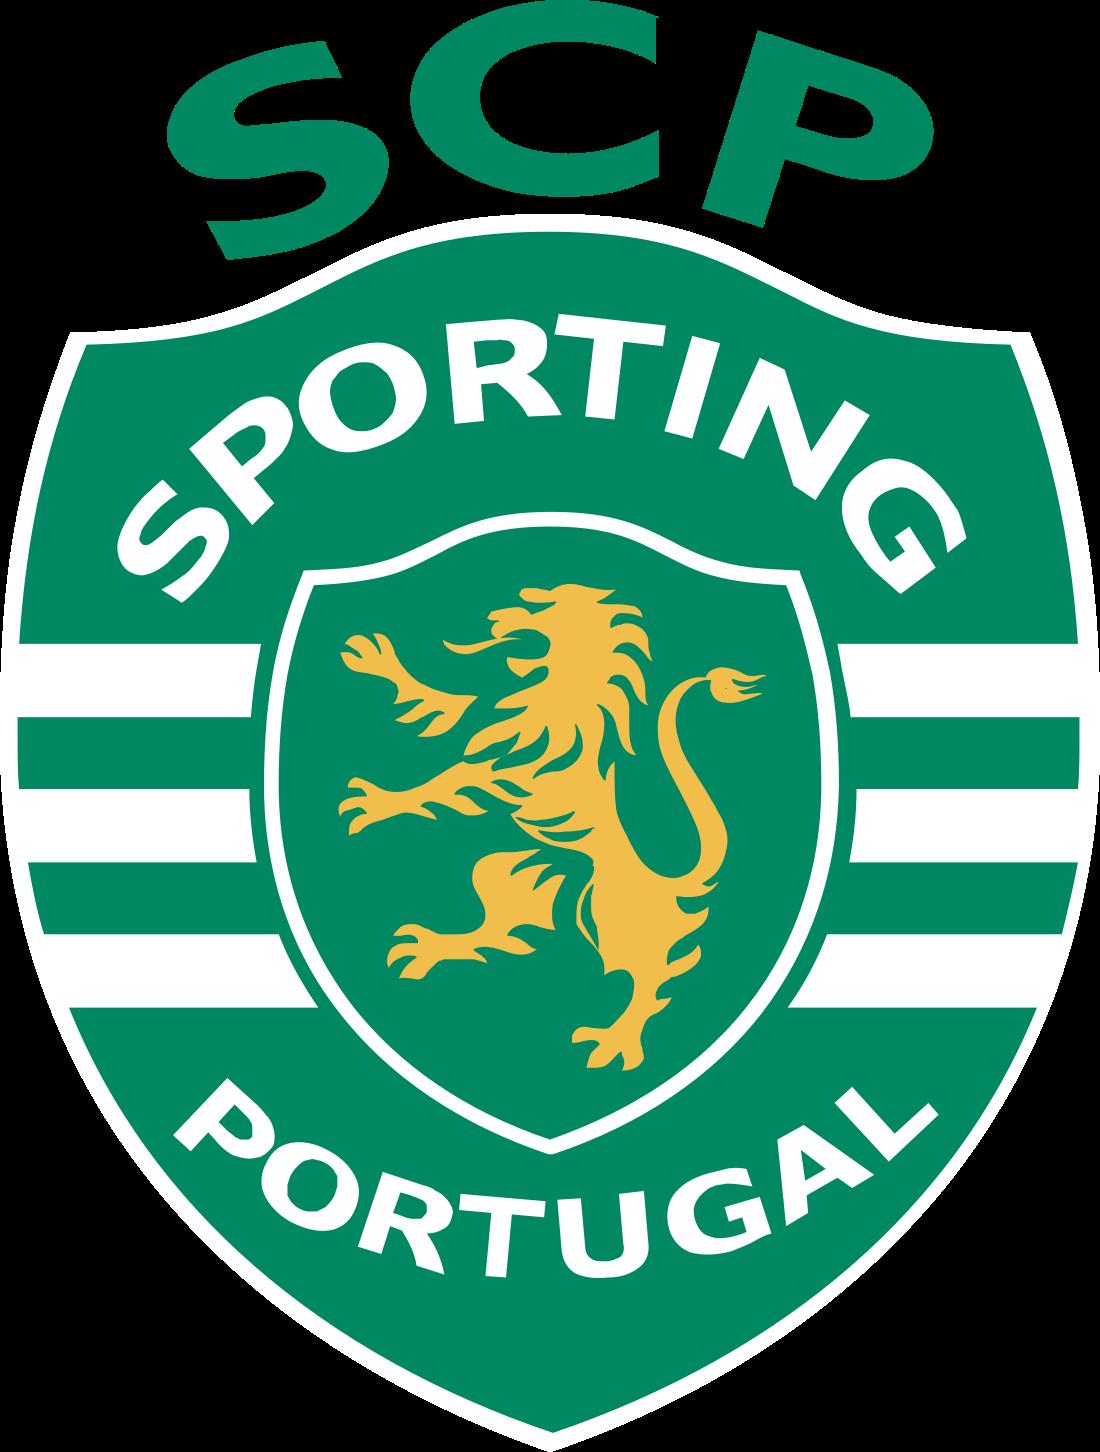 sporting clube de portugal logo escudo 3 - Sporting Logo - Sporting Clube de Portugal Escudo